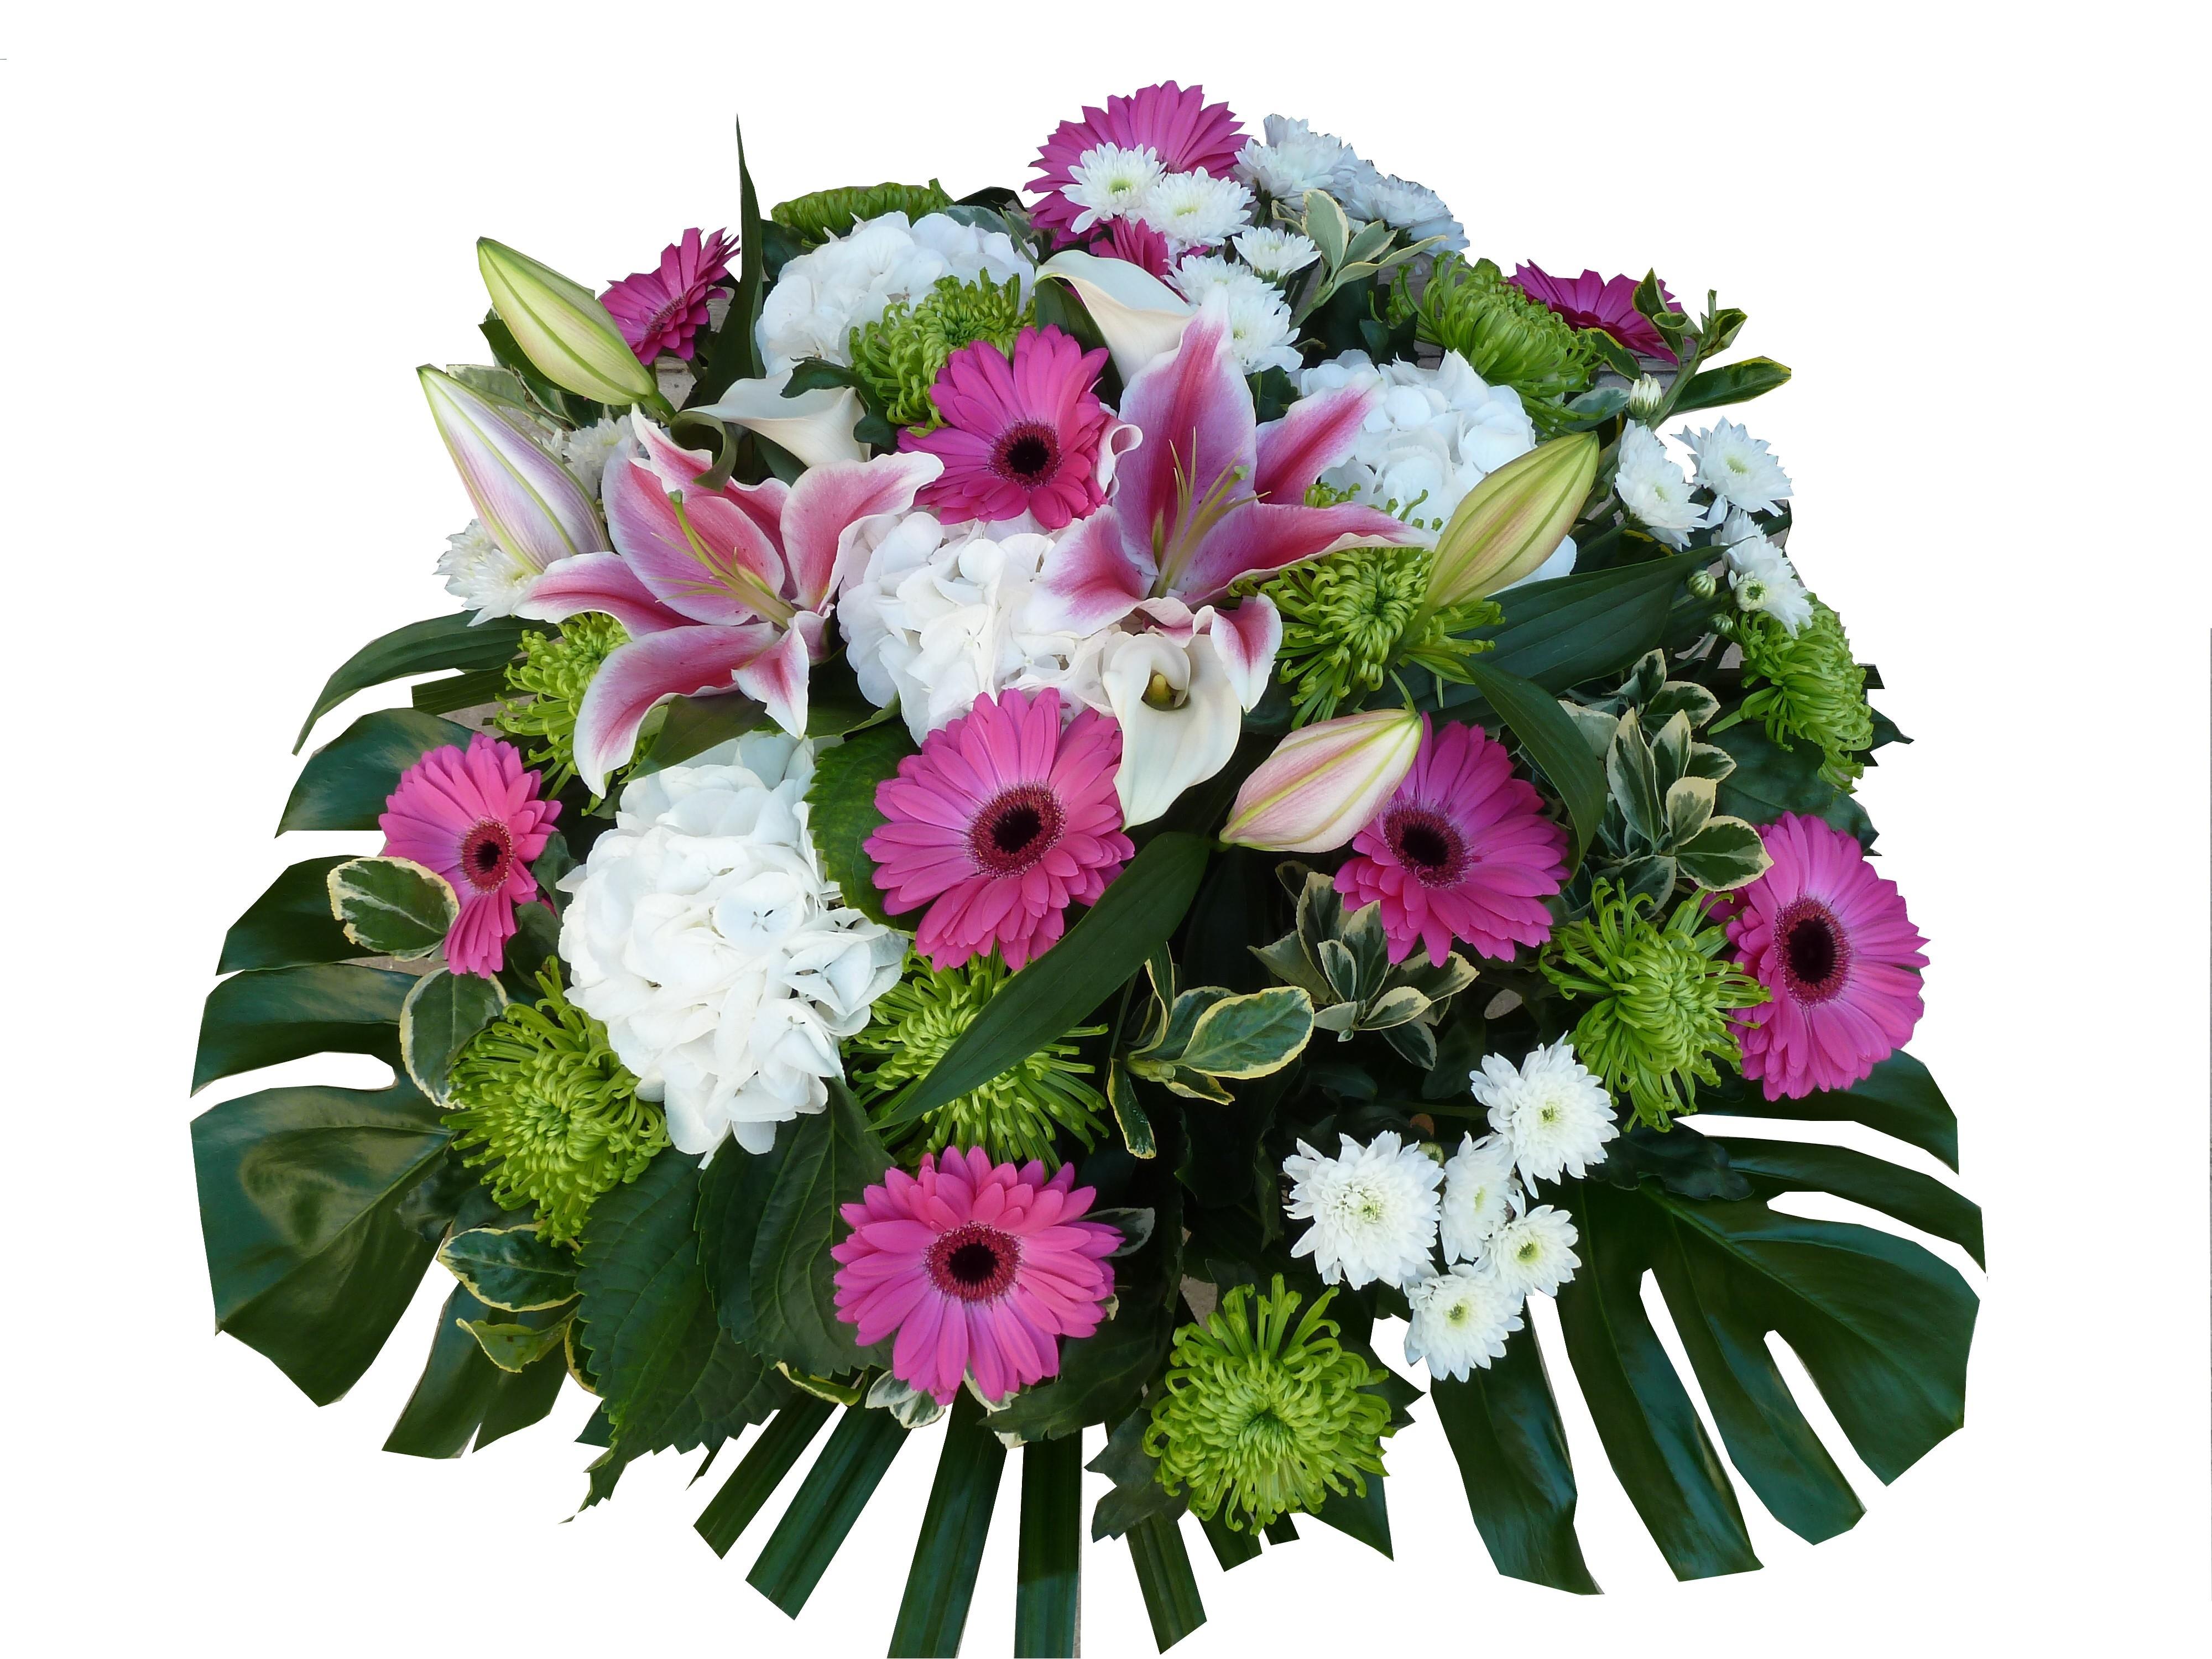 Envoi de fleurs funerailles a gleize arnas villefranche for Livraison de fleurs